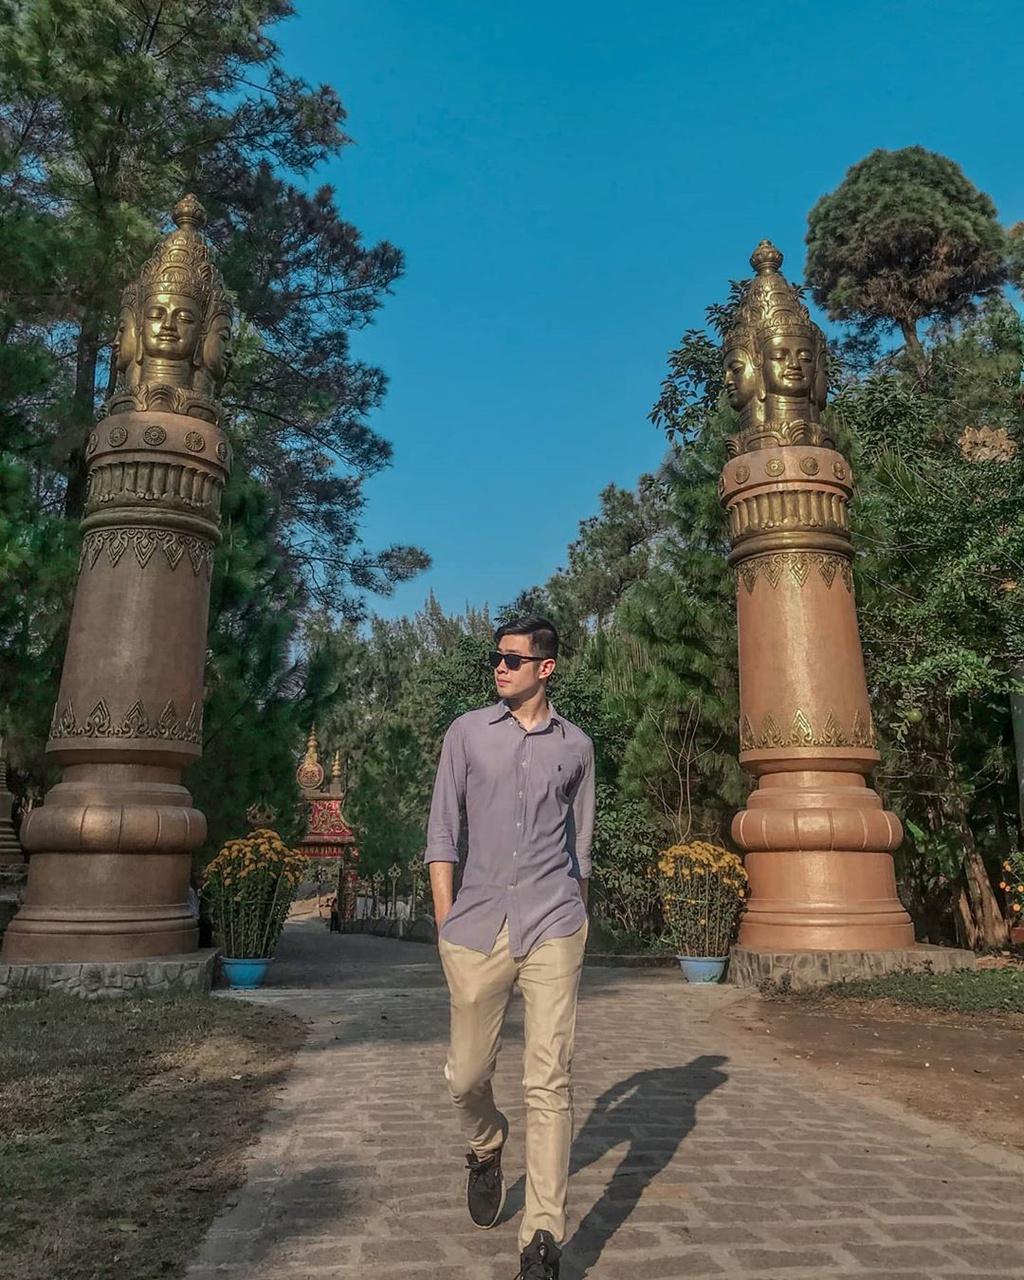 Lạc bước xứ chùa Vàng tại ngôi chùa Thiền Lâm tuyệt đẹp xứ Huế – iVIVU.com